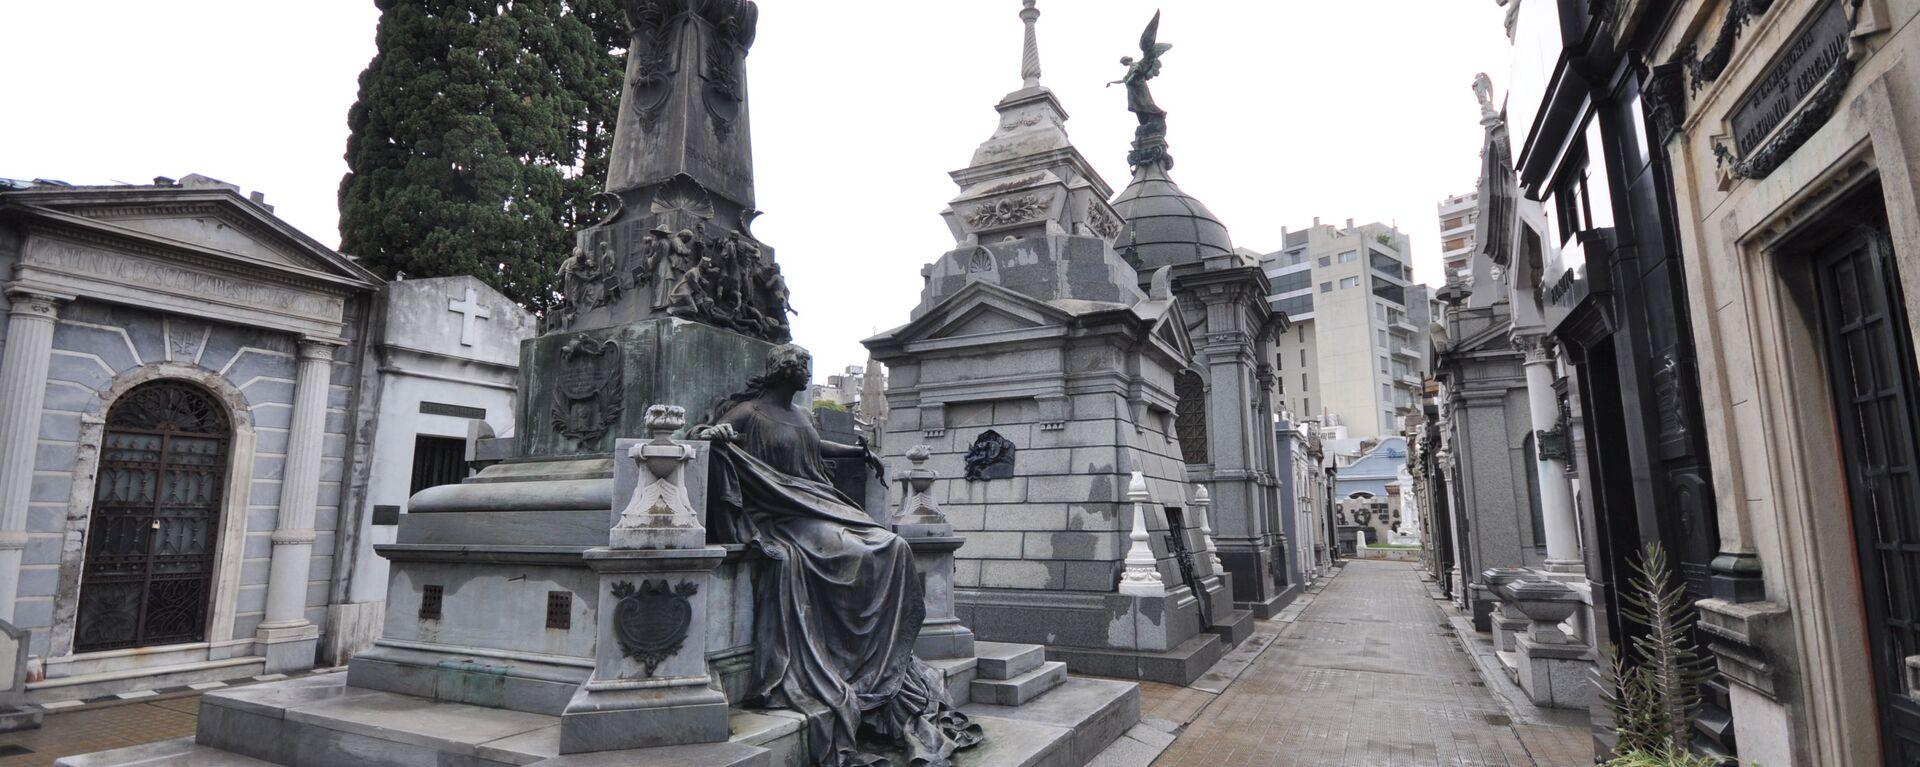 Un cimitero in Argentina - Sputnik Italia, 1920, 02.08.2021